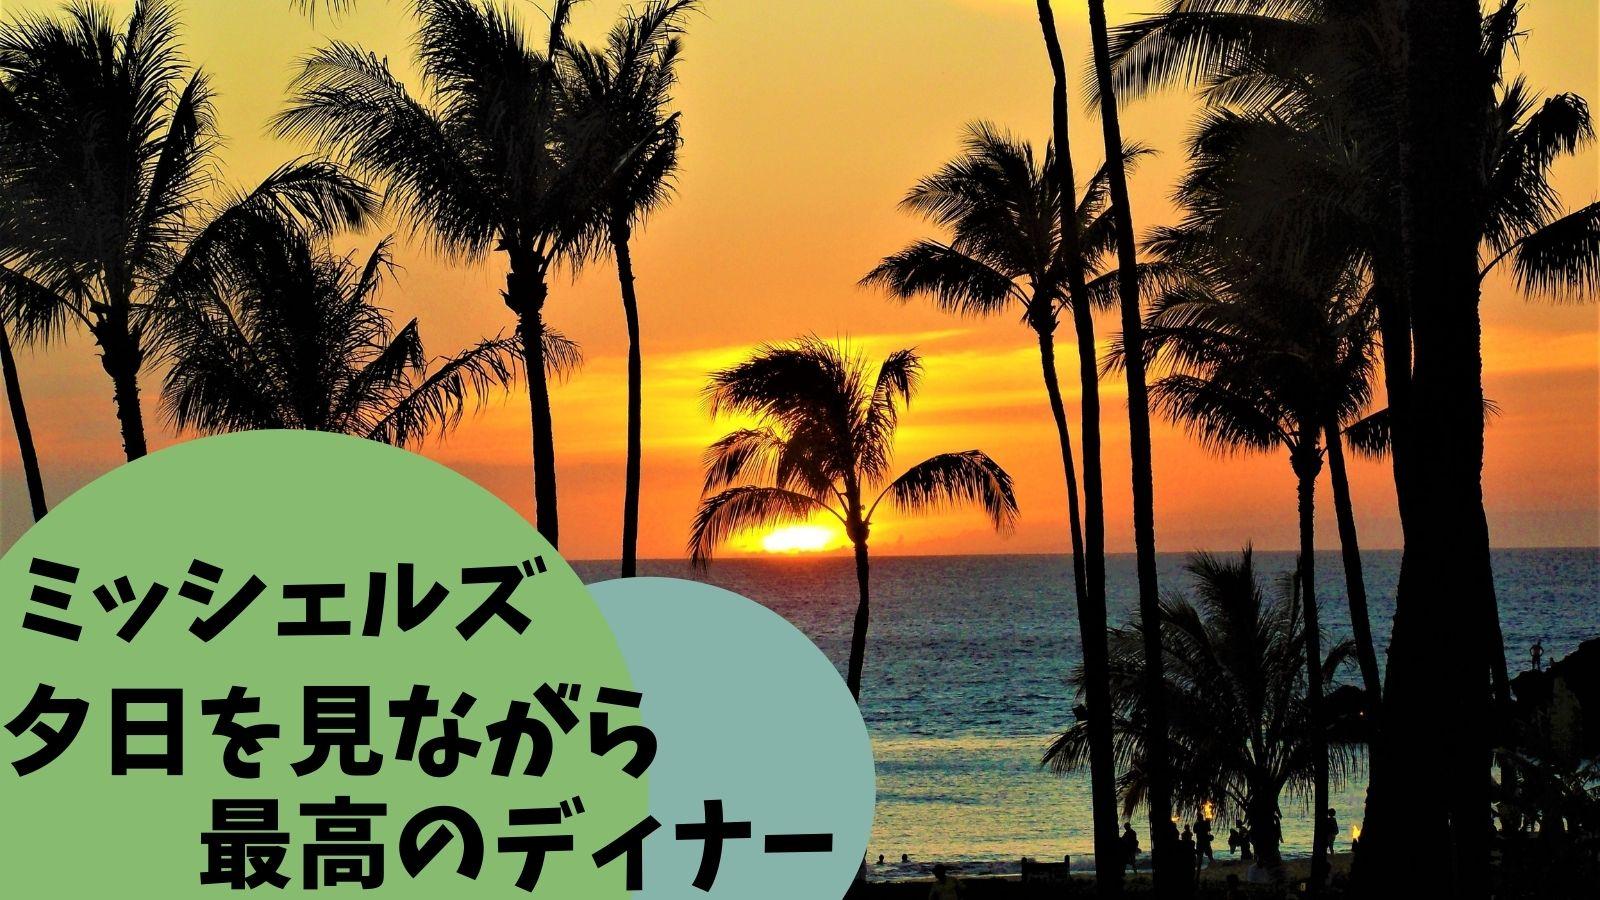 【ハワイ贅沢ディナー】ミッシェルズで夕陽と料理を堪能!おすすめメニュー8選紹介!